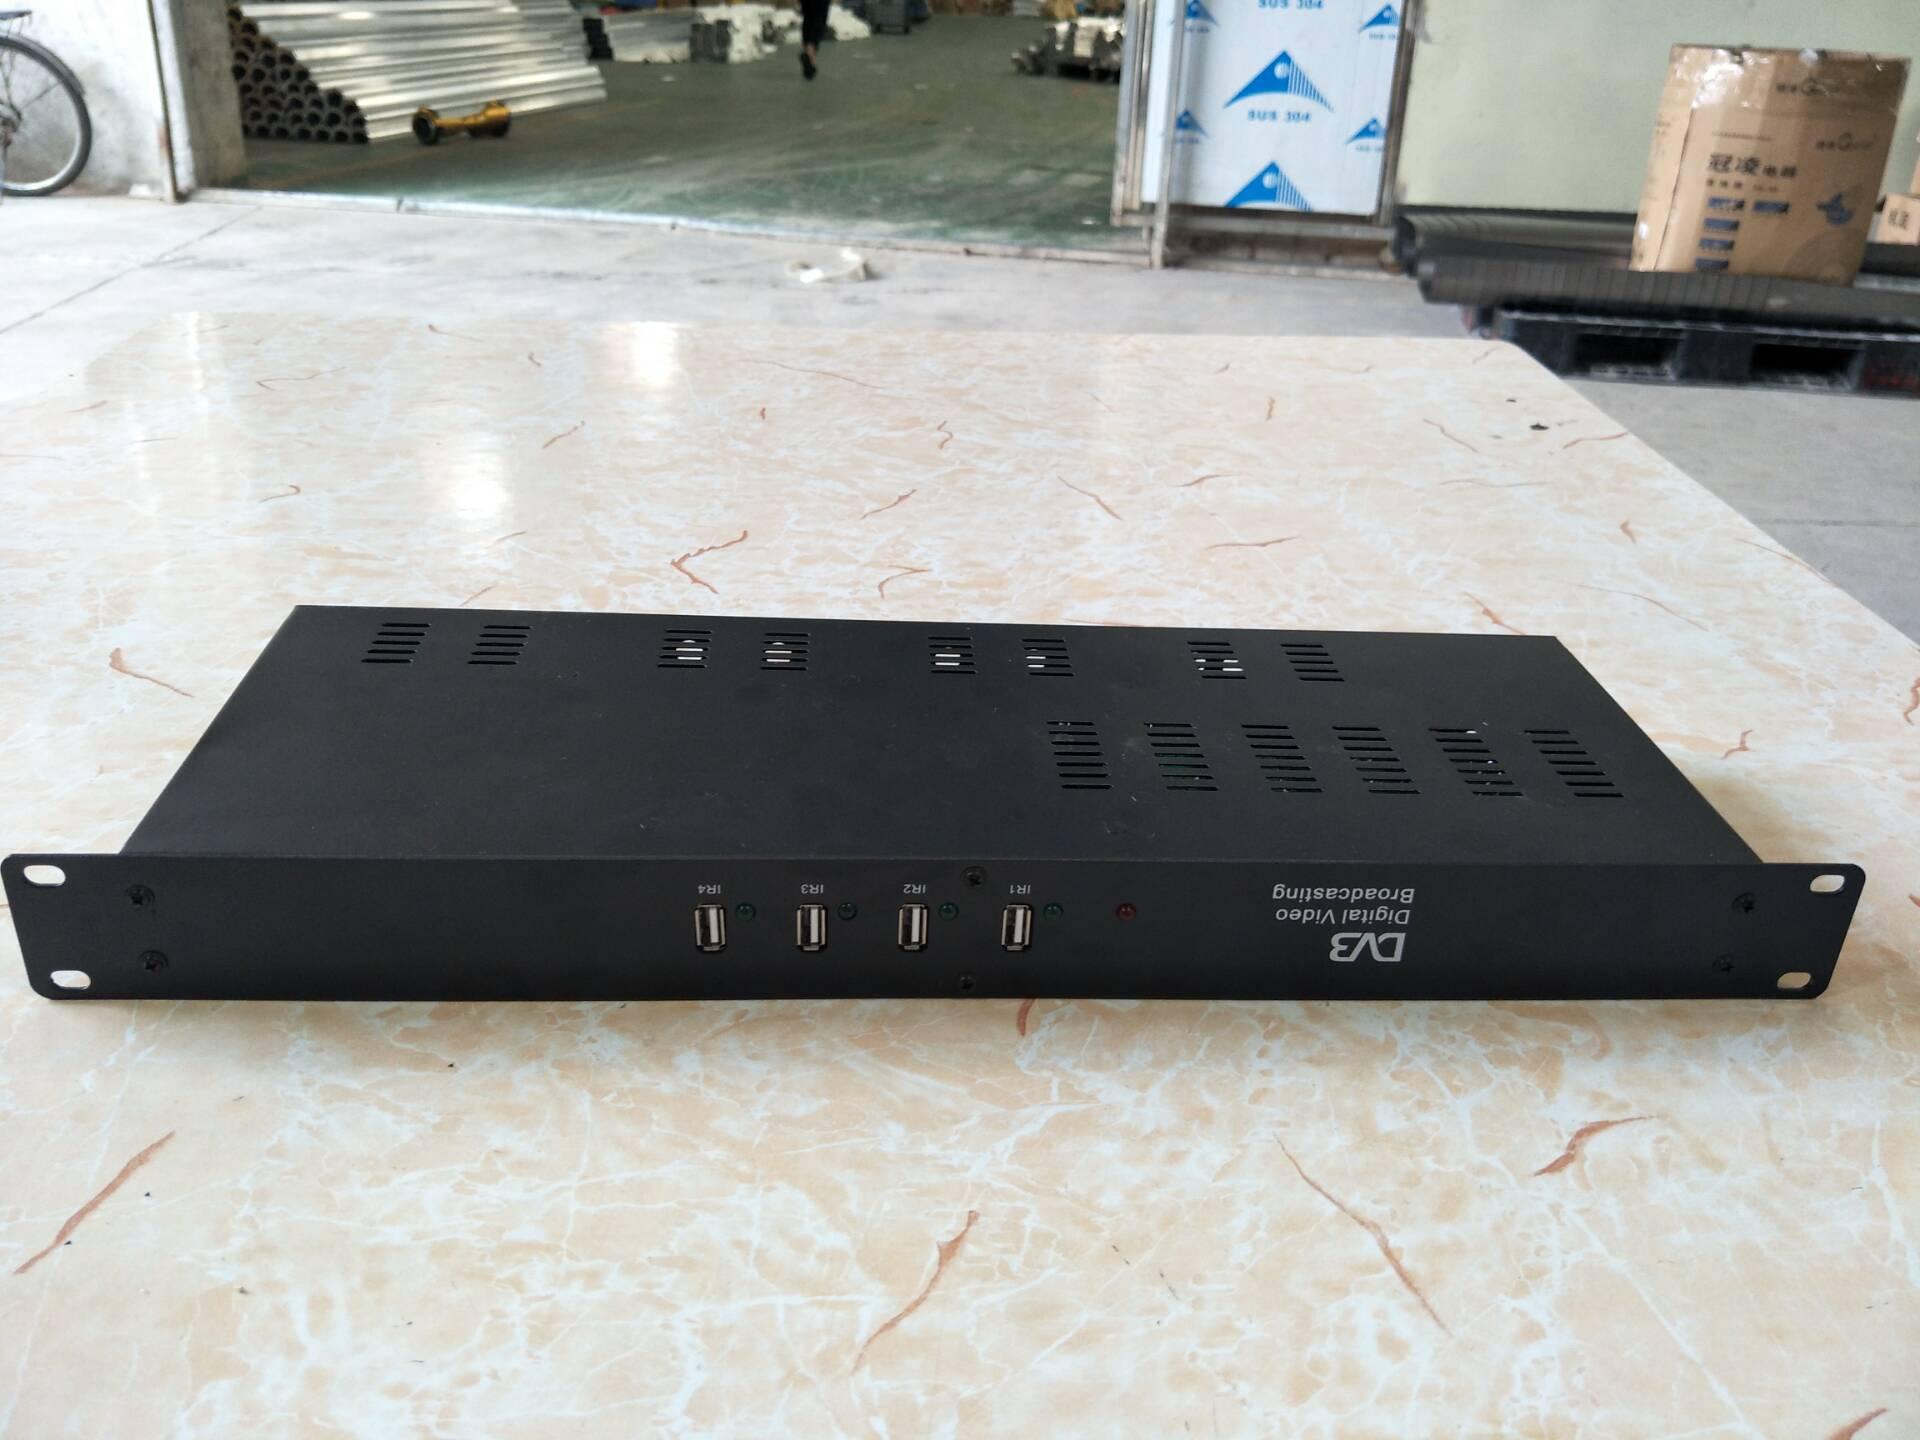 网络 机顶盒 功放外壳 数字机外壳 厂家定制加工 网络 机顶盒 功放外壳